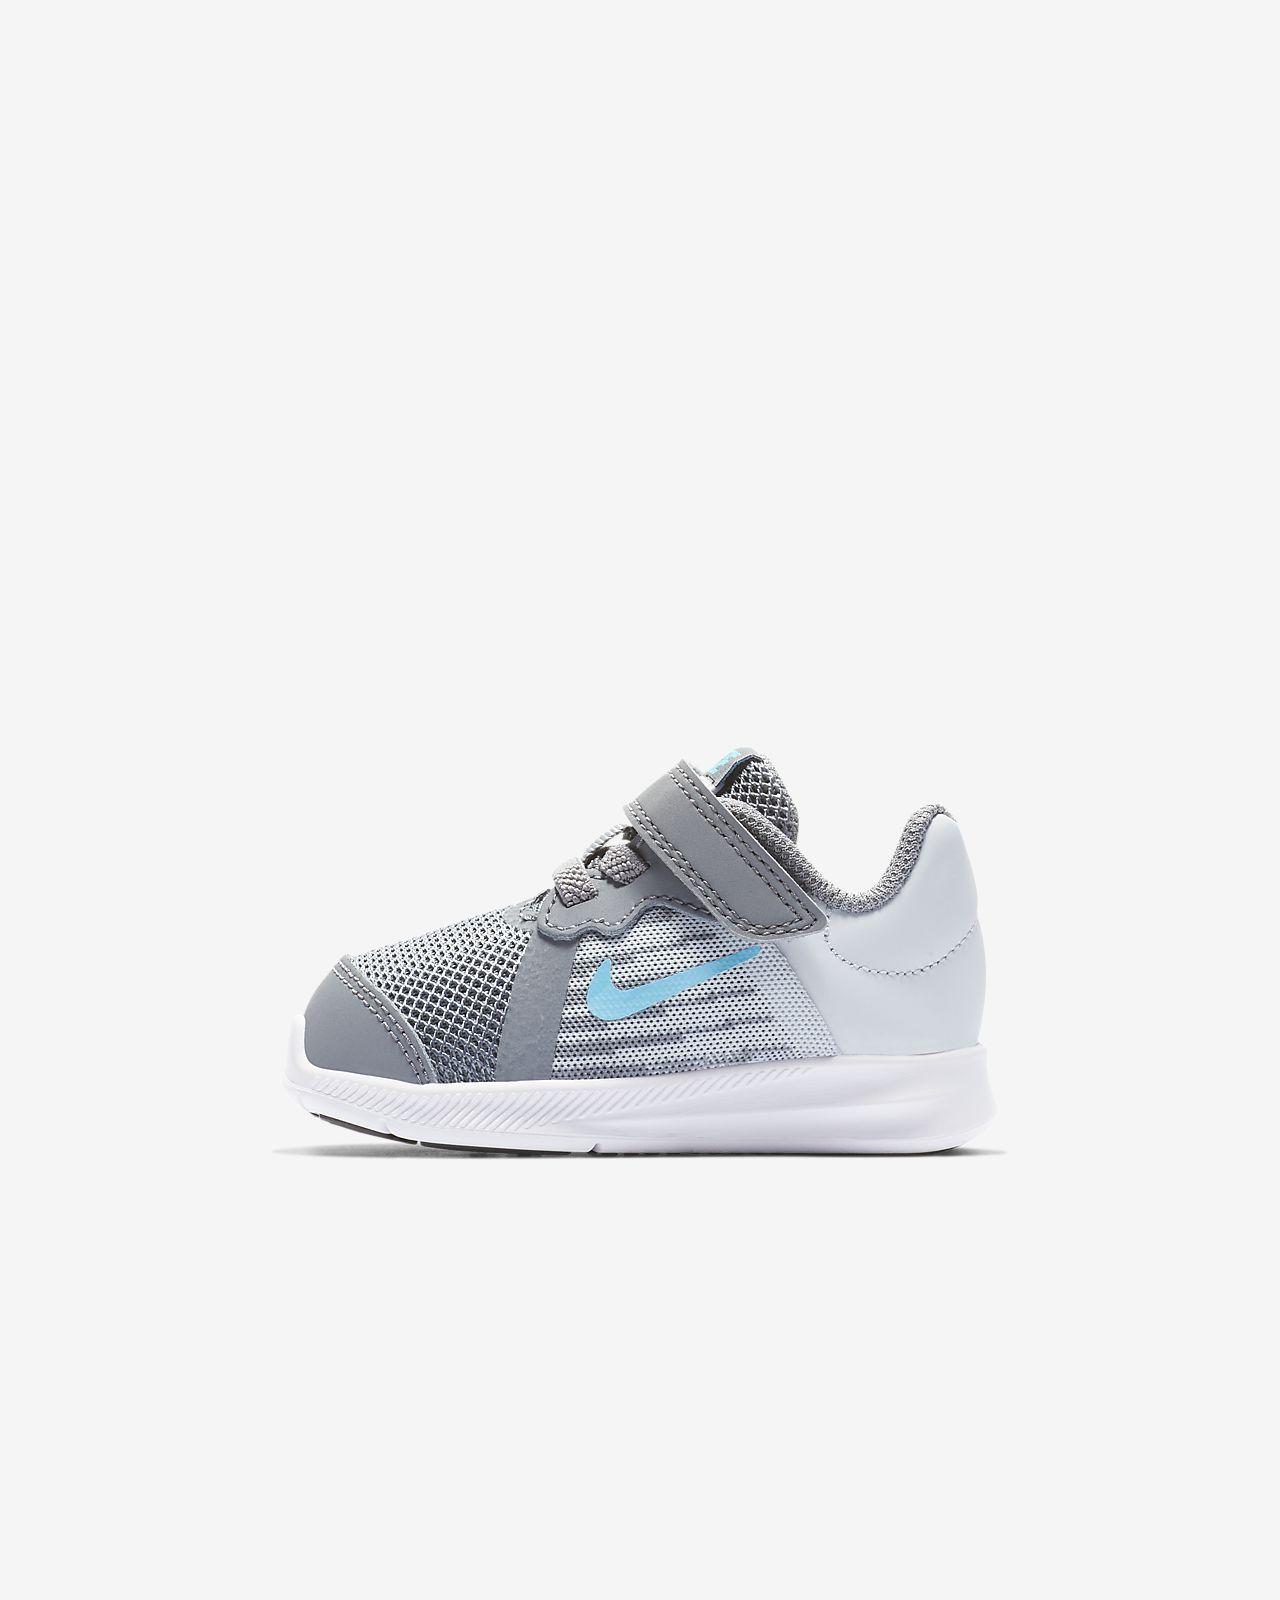 Sko Nike Downshifter 8 för baby/små barn